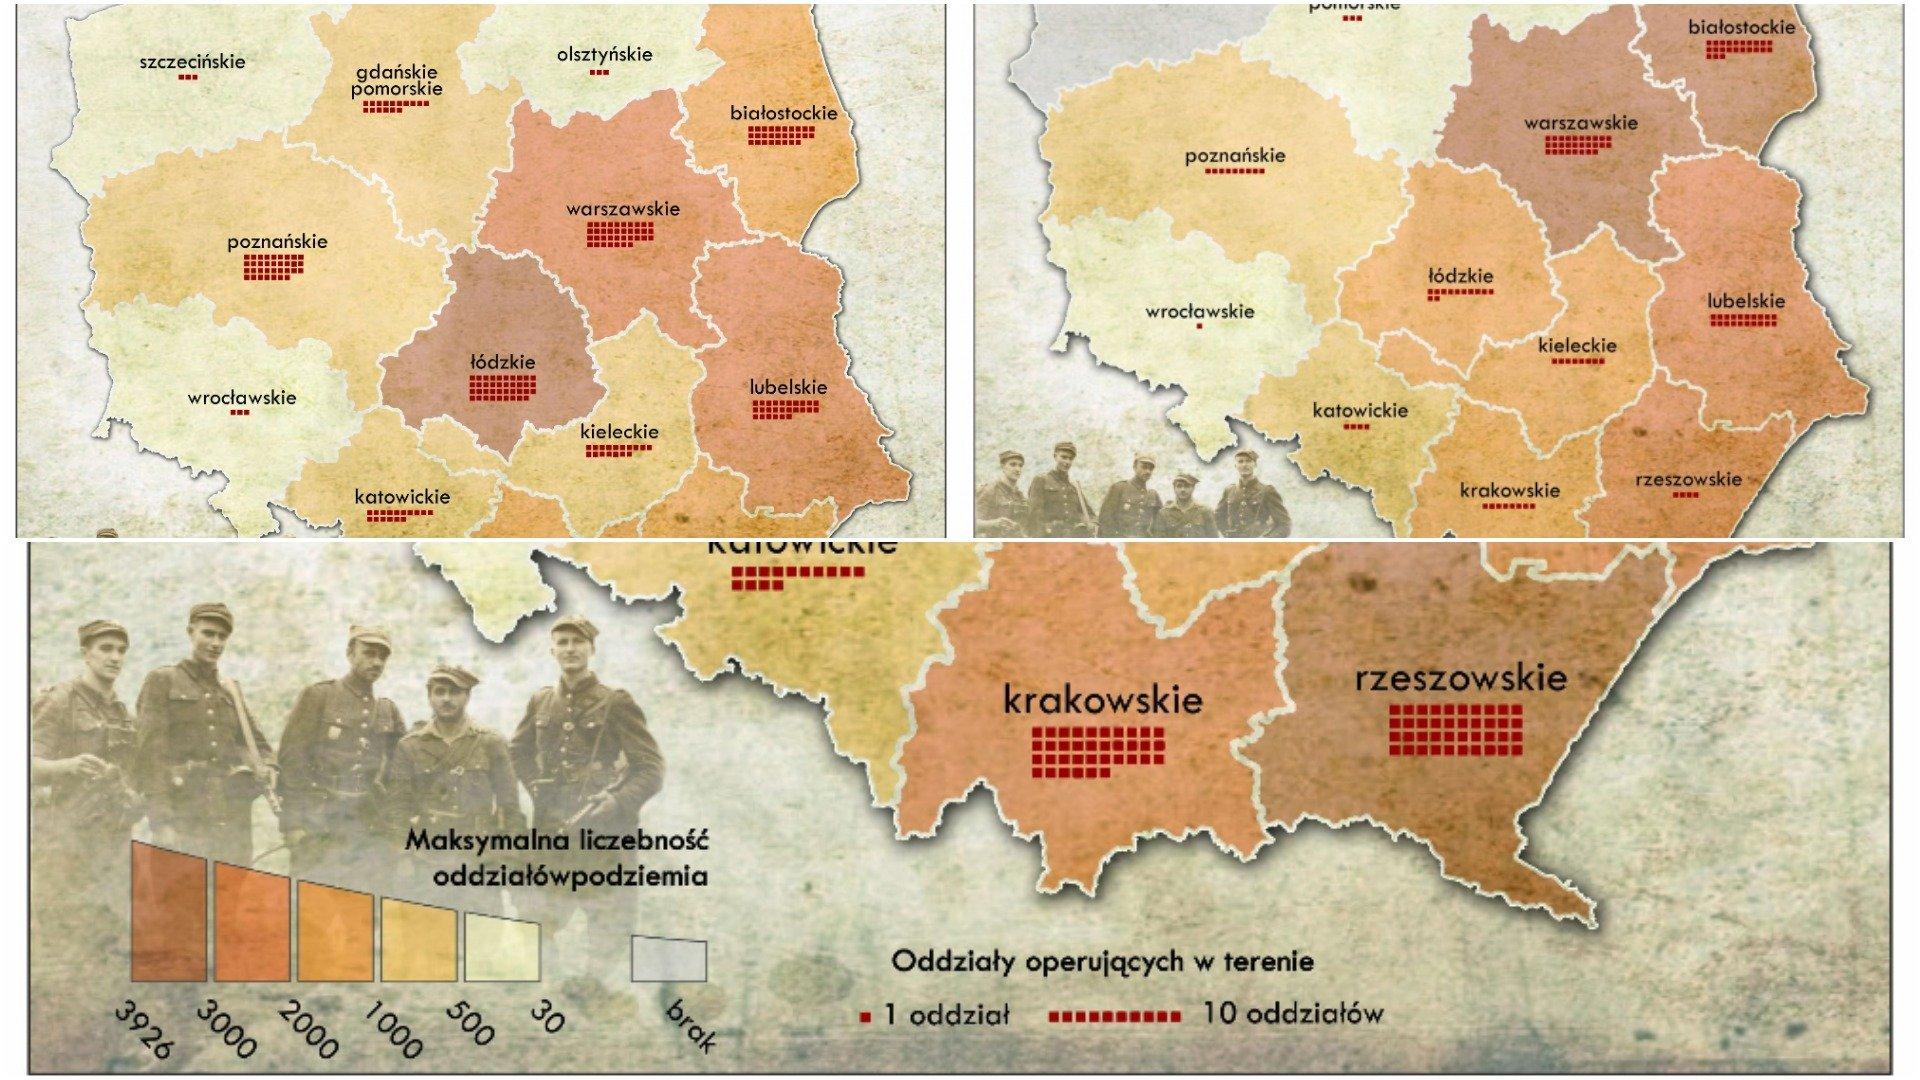 Gdzie walczyli żołnierze Wyklęci - mapy